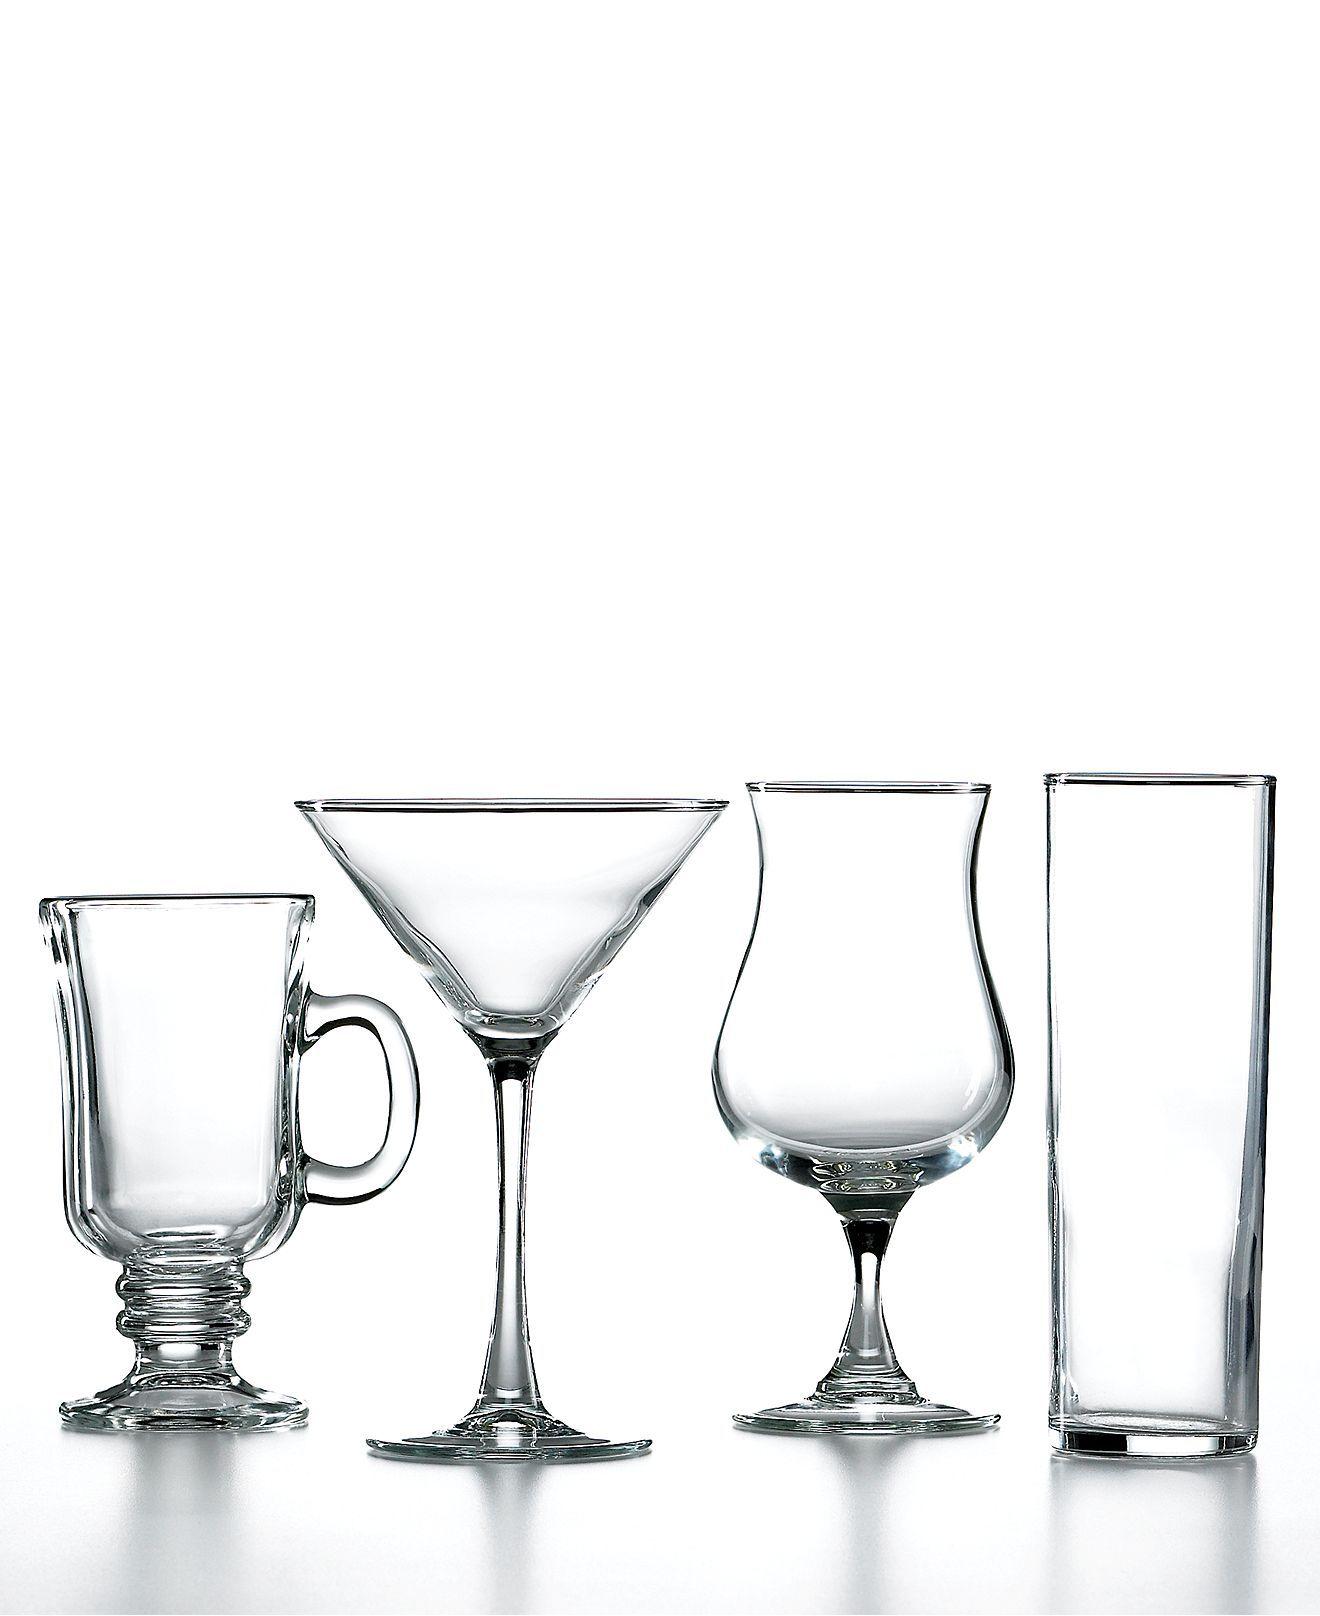 Martha Stewart Collection Glassware, Set of 4 Recipe